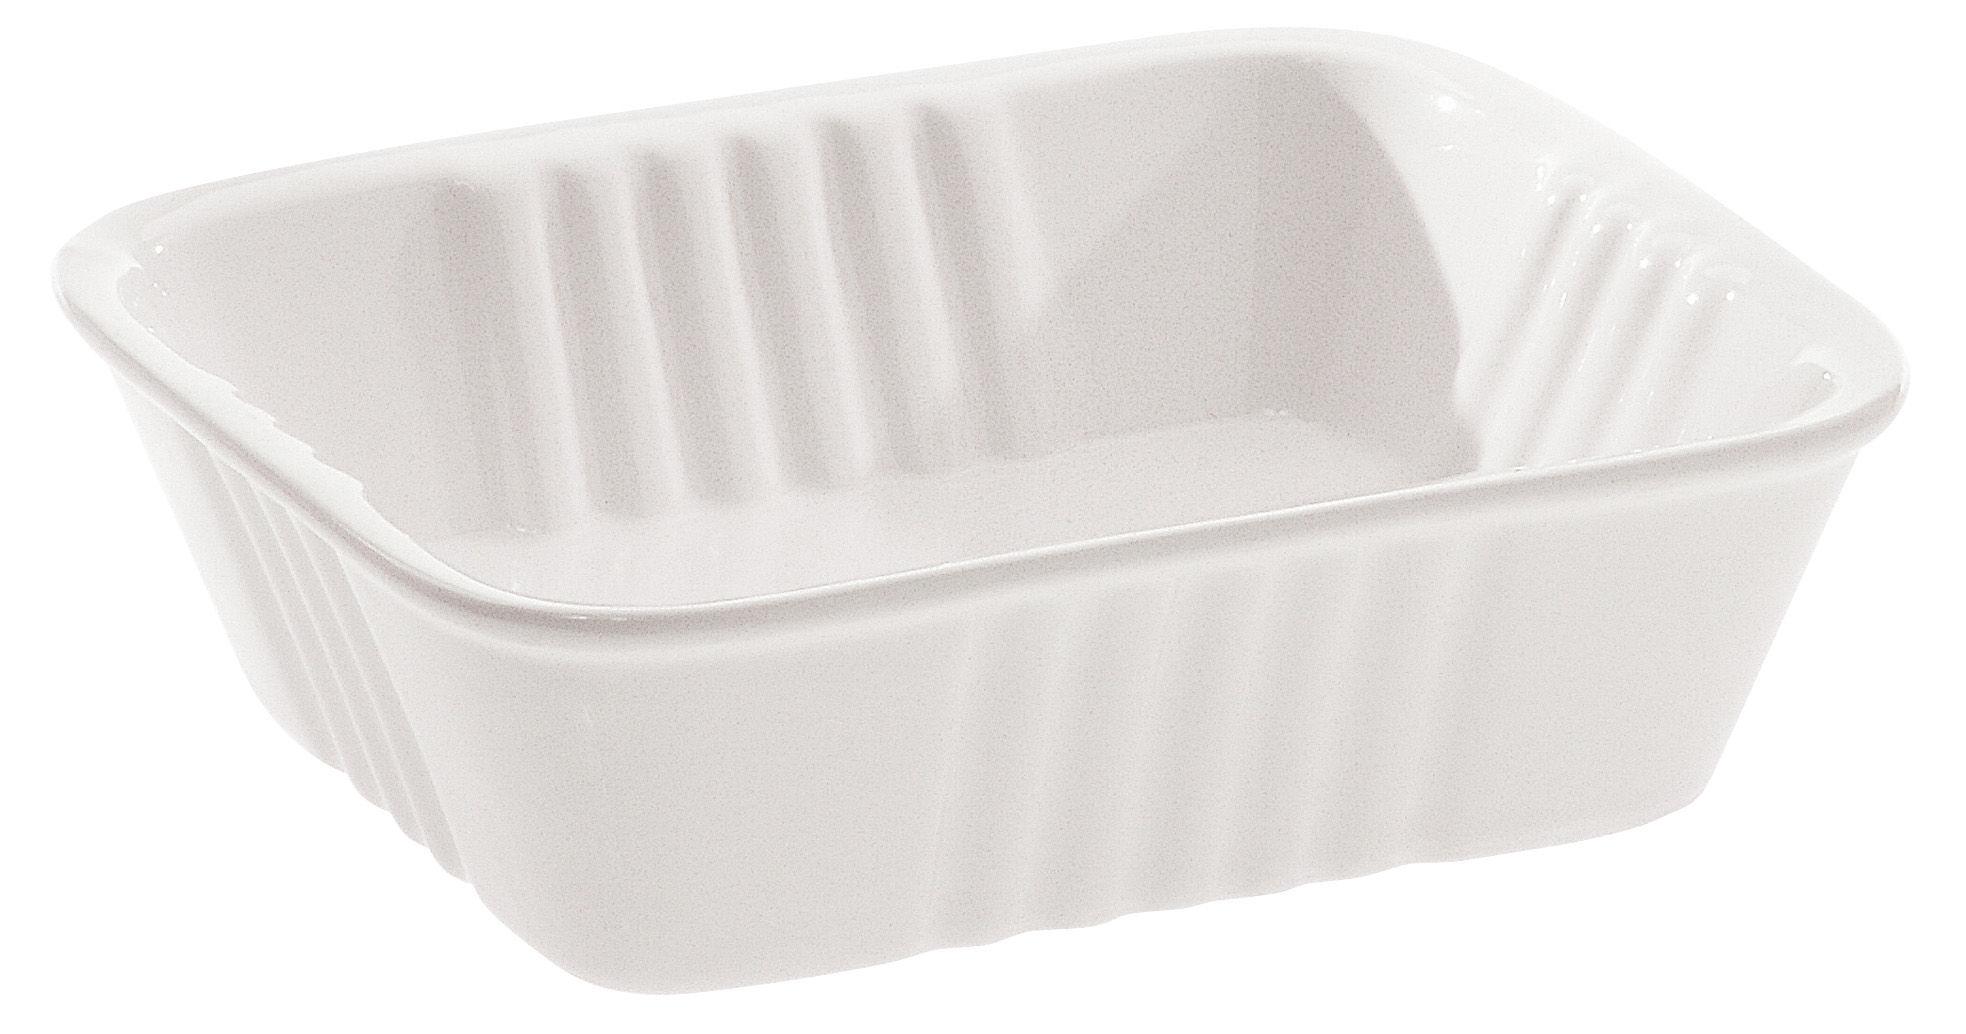 Tavola - Piatti da portata - Piatto Estetico quotidiano - 14 x 11 cm di Seletti - Bianco - Piatto - Porcellana